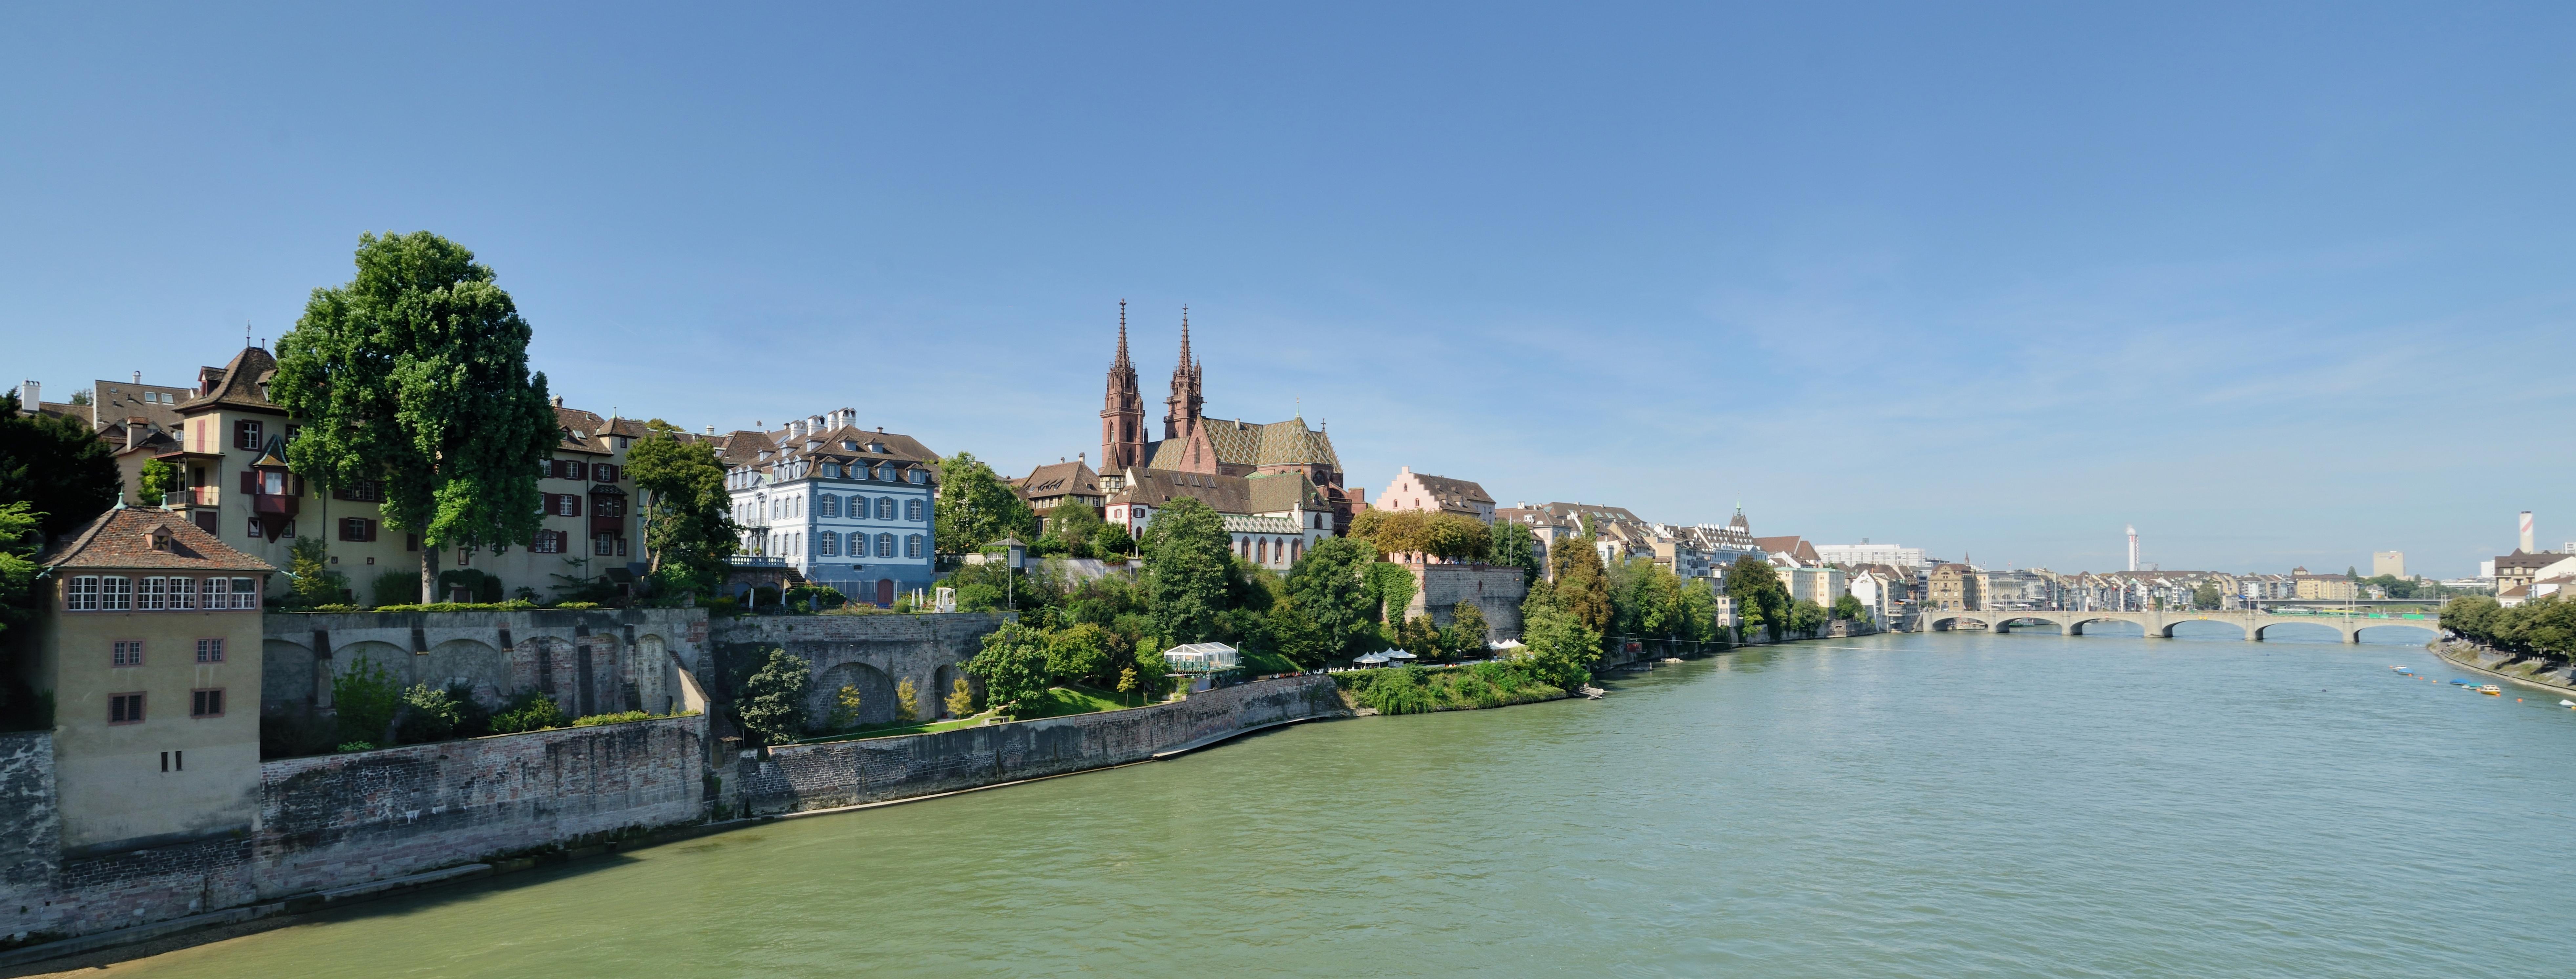 Basel - Rick Steves Travel Forum